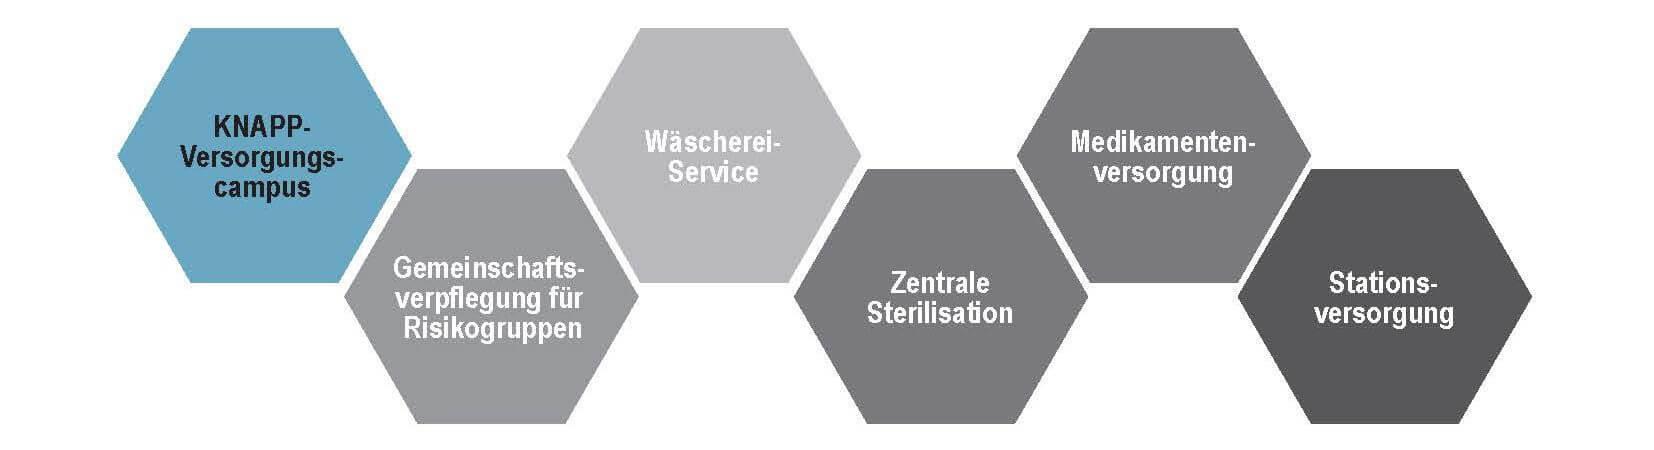 Sichere und wirtschaftliche Prozesse am KNAPP-Versorgungscampus: Ob Zutaten für die Großküche oder OP-Besteck, alles lagert zentral im automatischen Lagersystem.